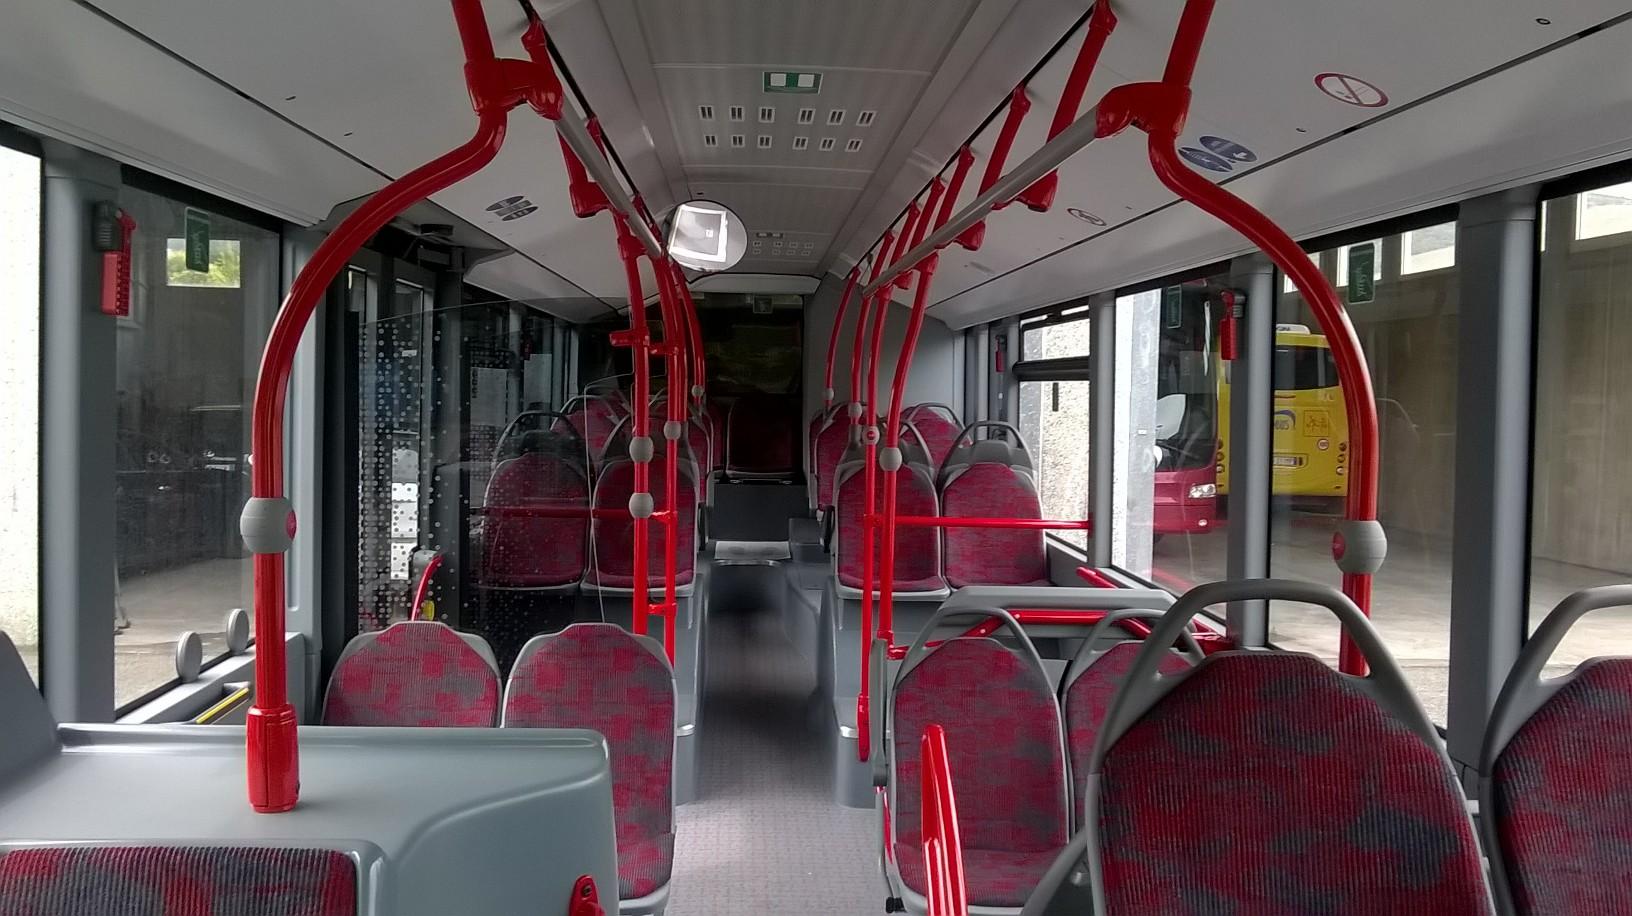 Un'immagine scattata a bordo del nuovo Citaro fra sedili e mancorrenti colorati.